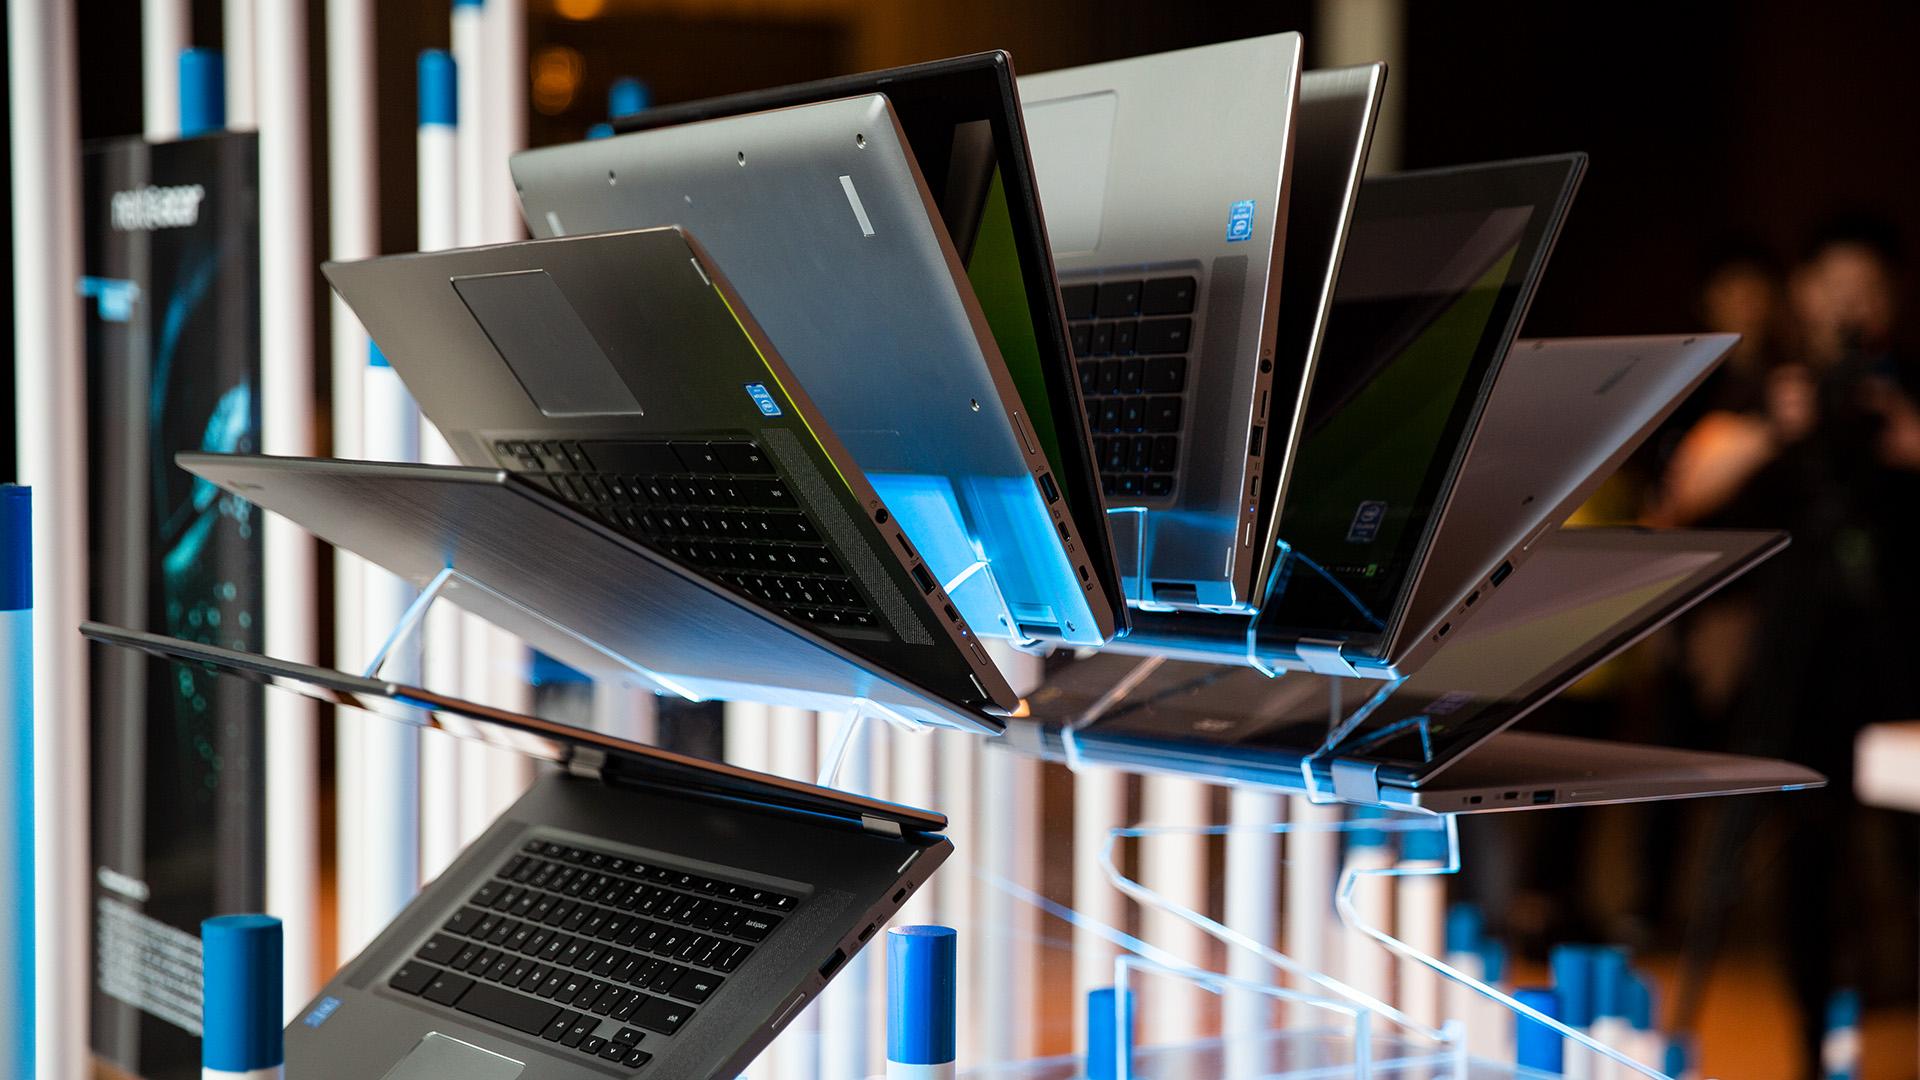 Acer-Portfolio 2018: Nitro-Gaming-PCs mit Ryzen und viele neue Notebooks - Acer zeigte ein neues Chromebook 15. (Bild: Robert Kern/Golem-de)